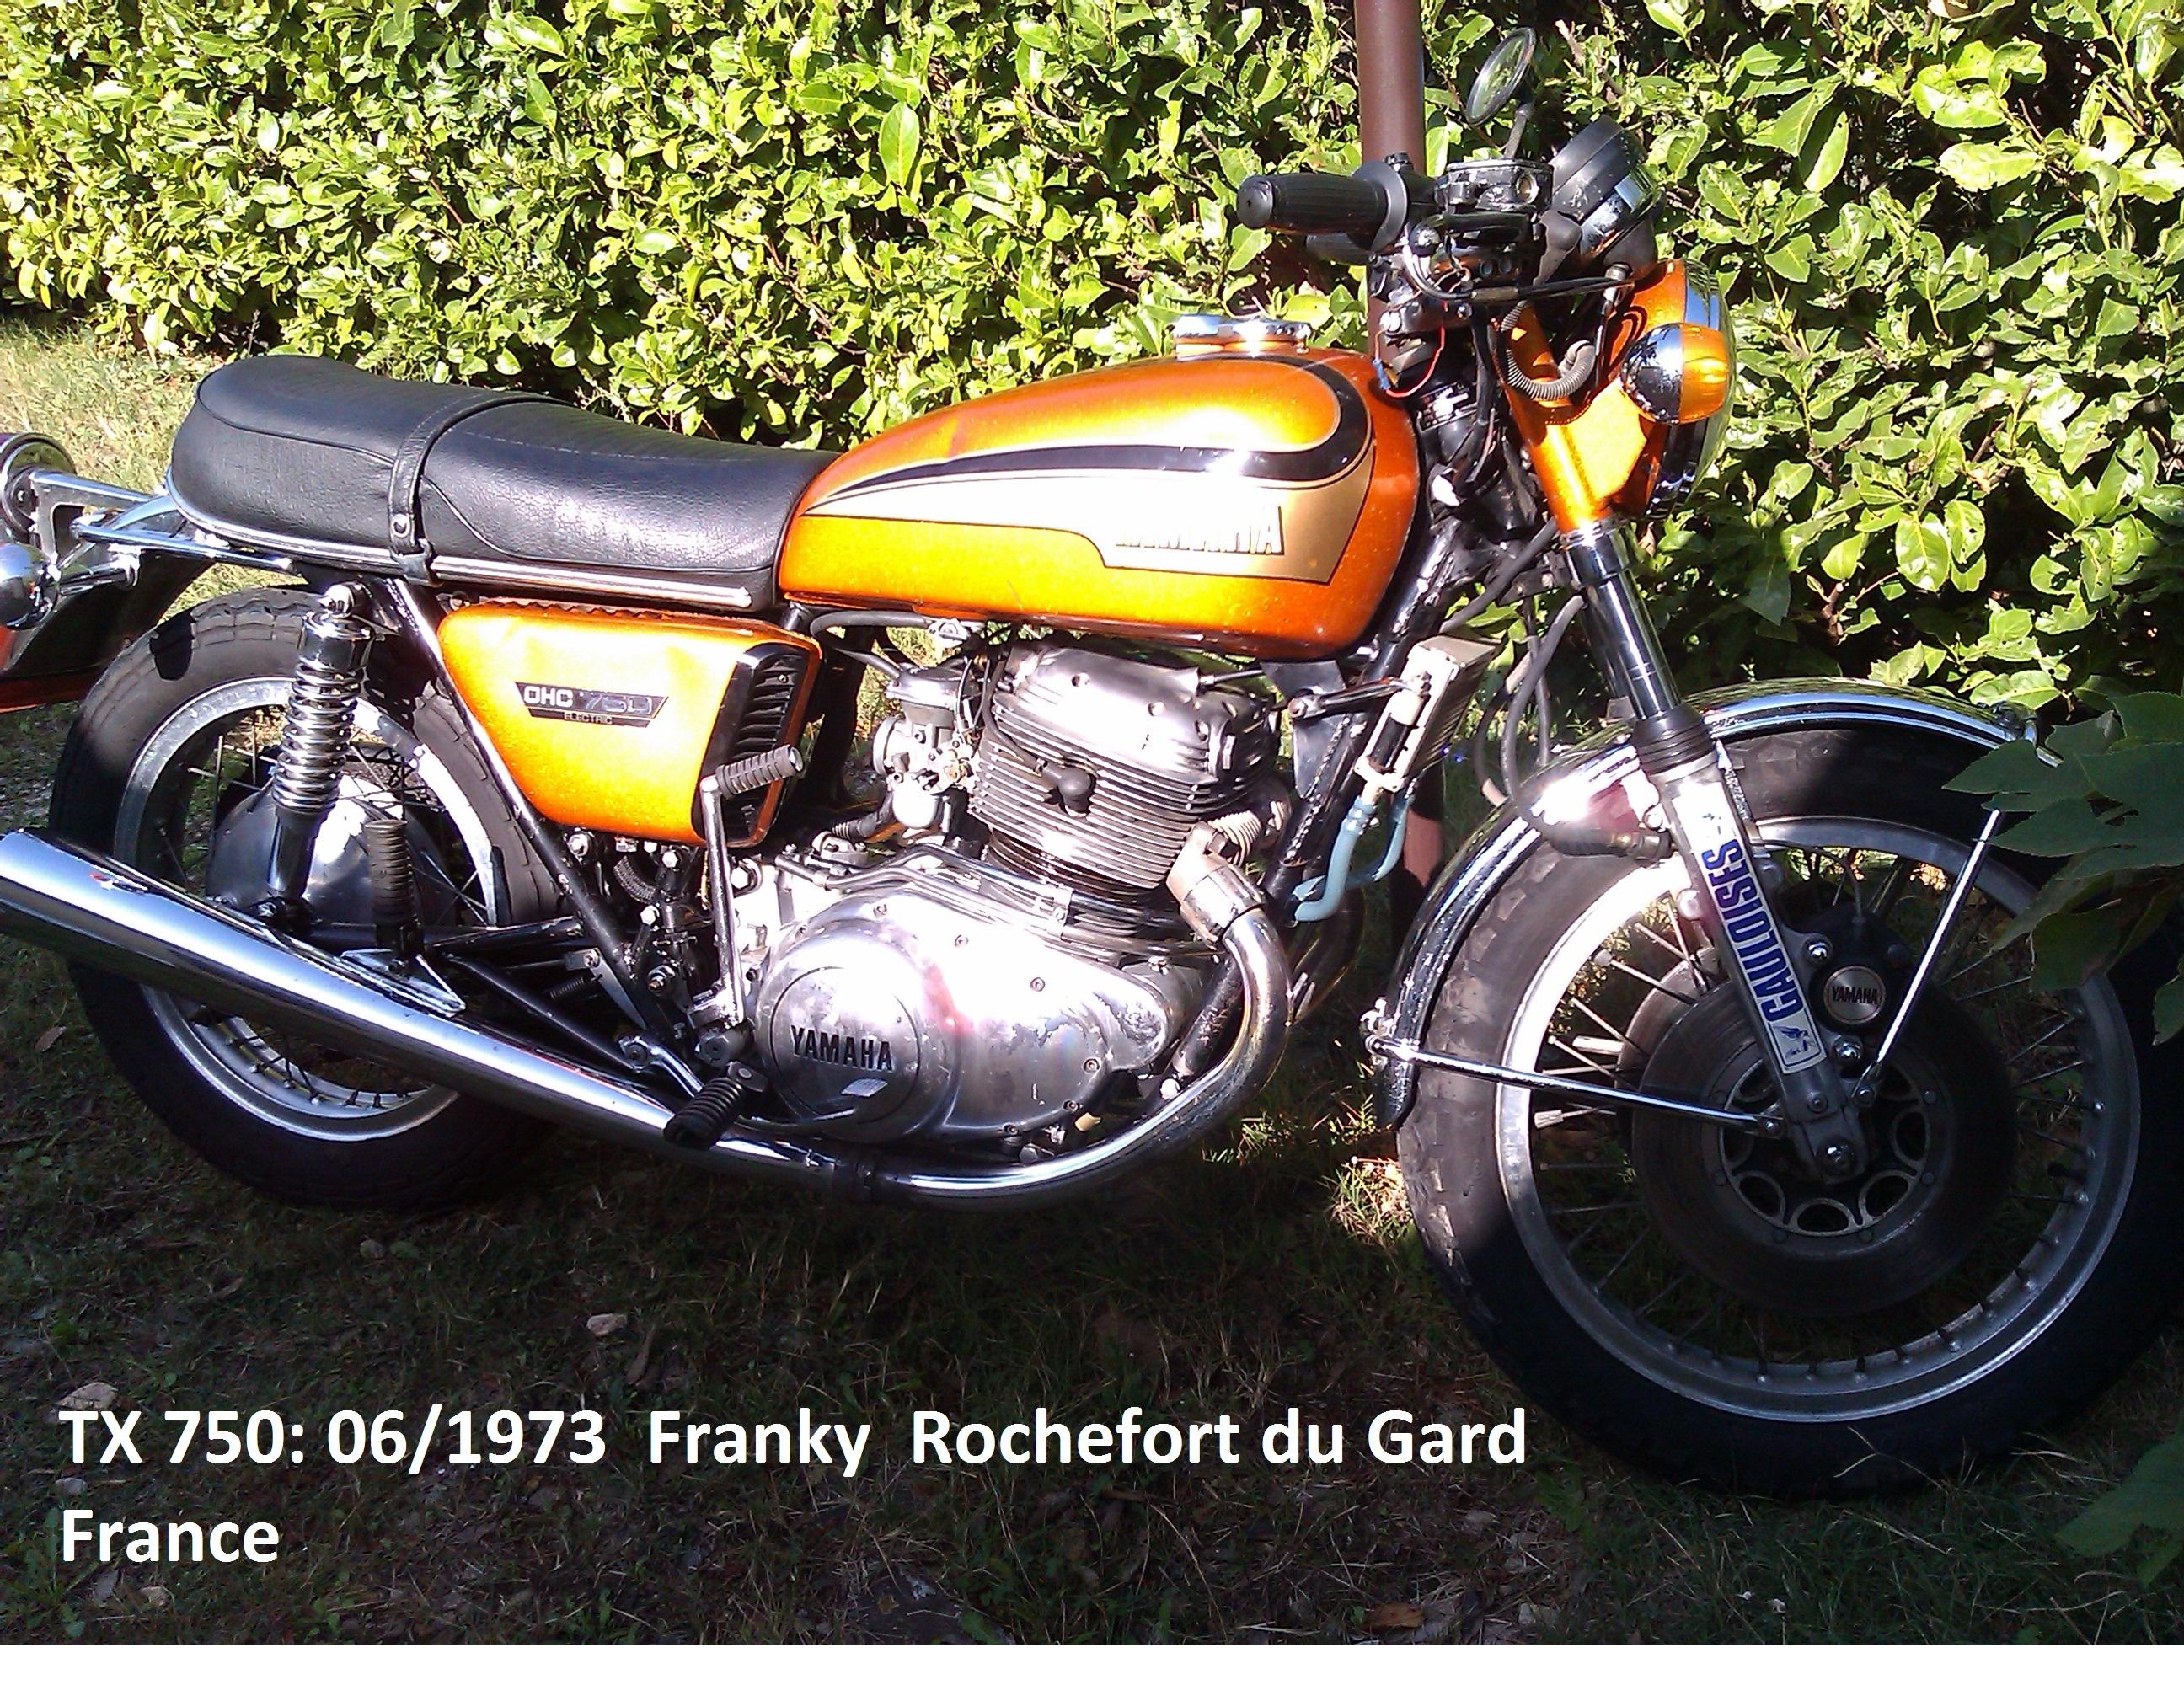 Yamaha Tx750 Wikipedia 750 Kawasaki Motorcycle Wiring Diagram